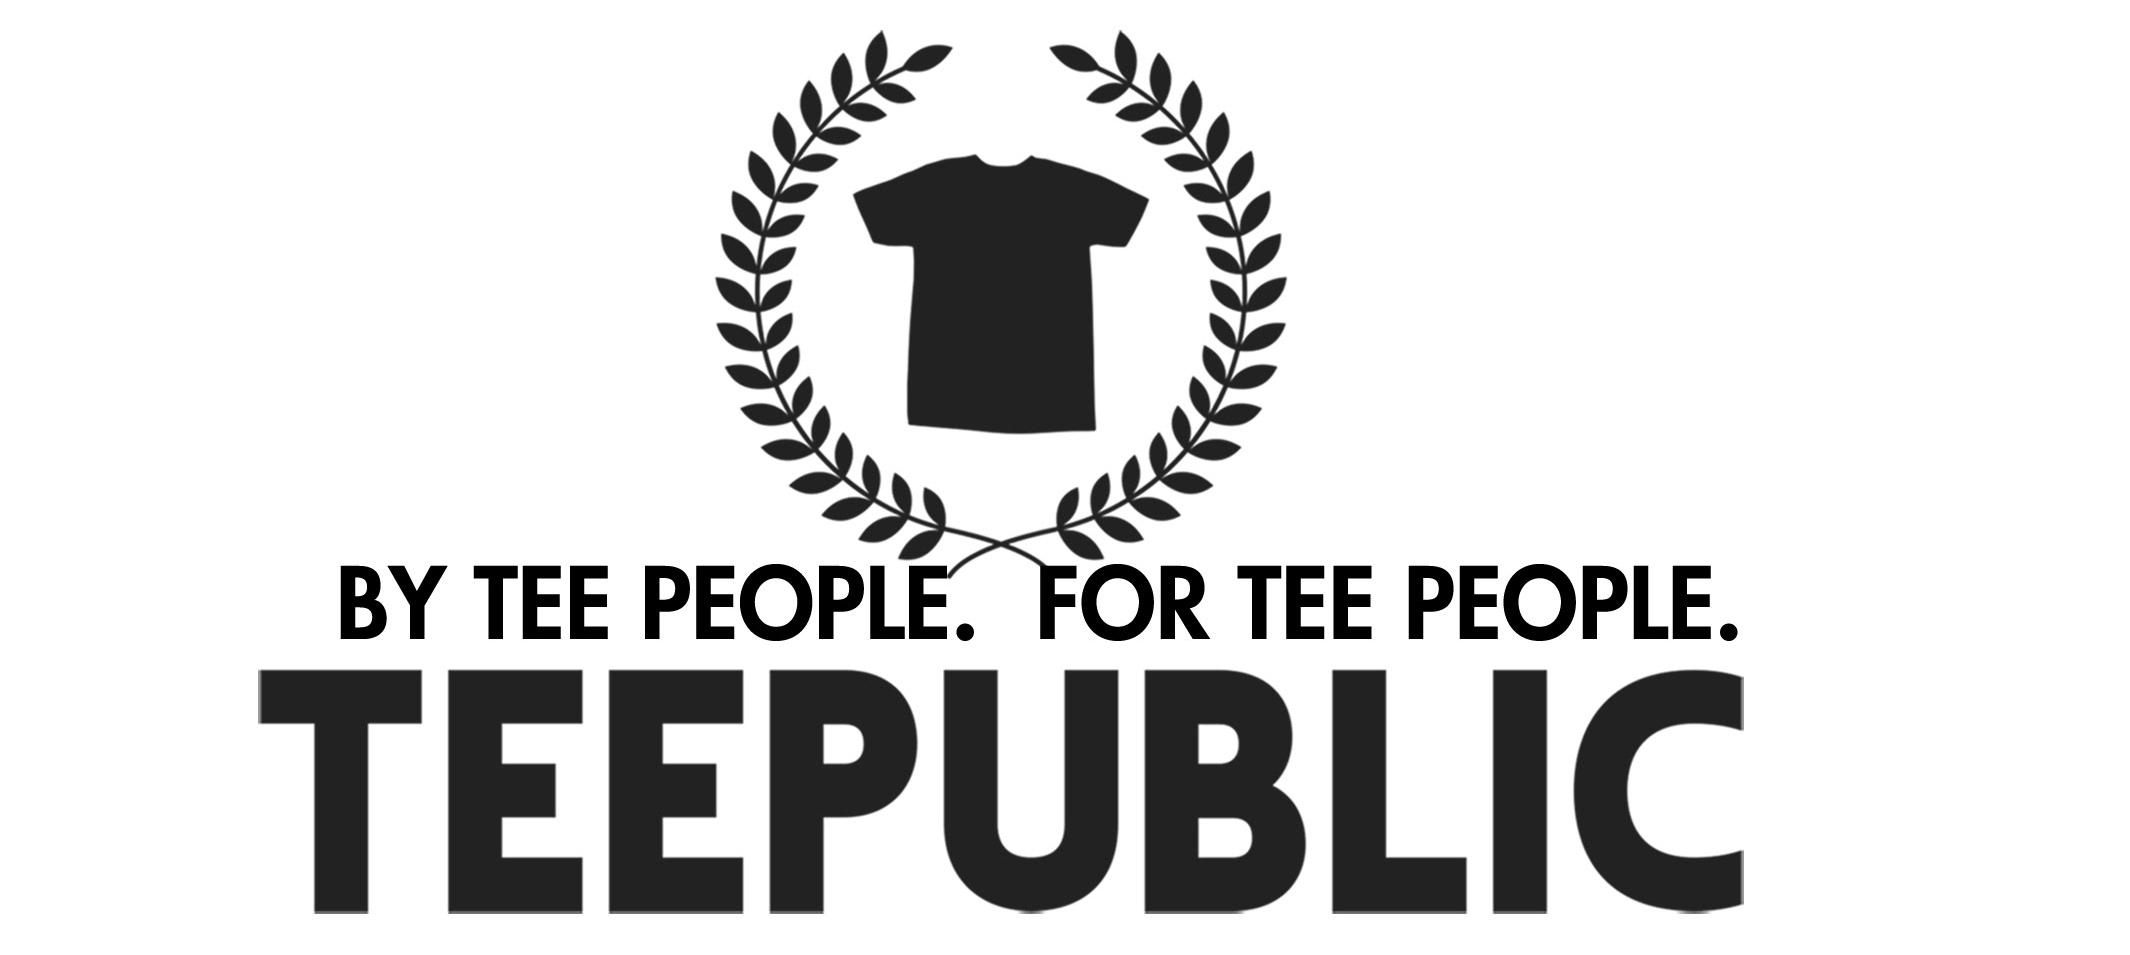 Teepublic logo.jpg